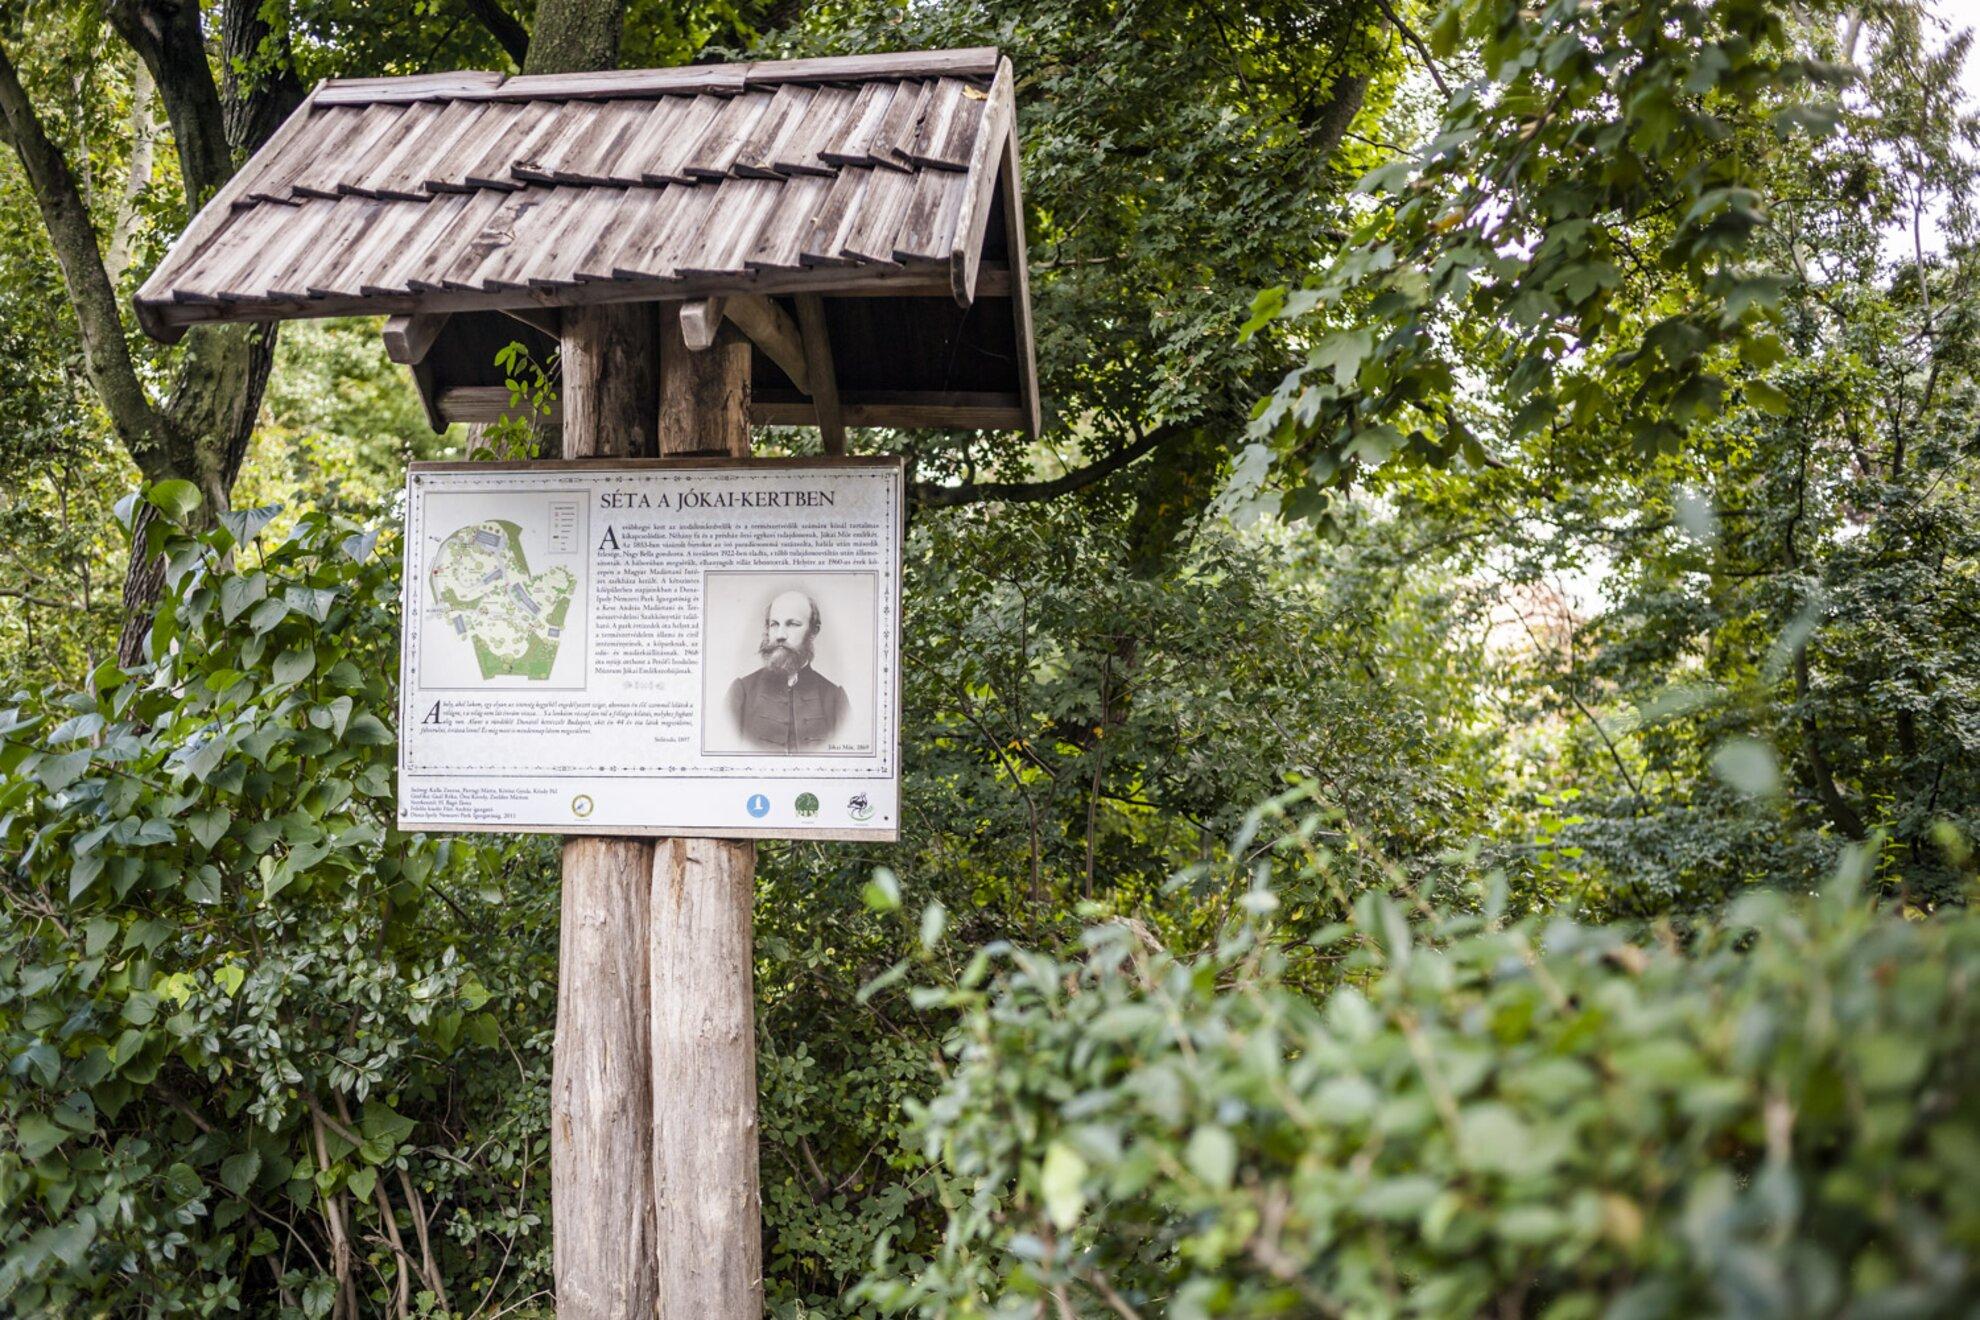 Magyar széppróza napja a Jókai-kertben